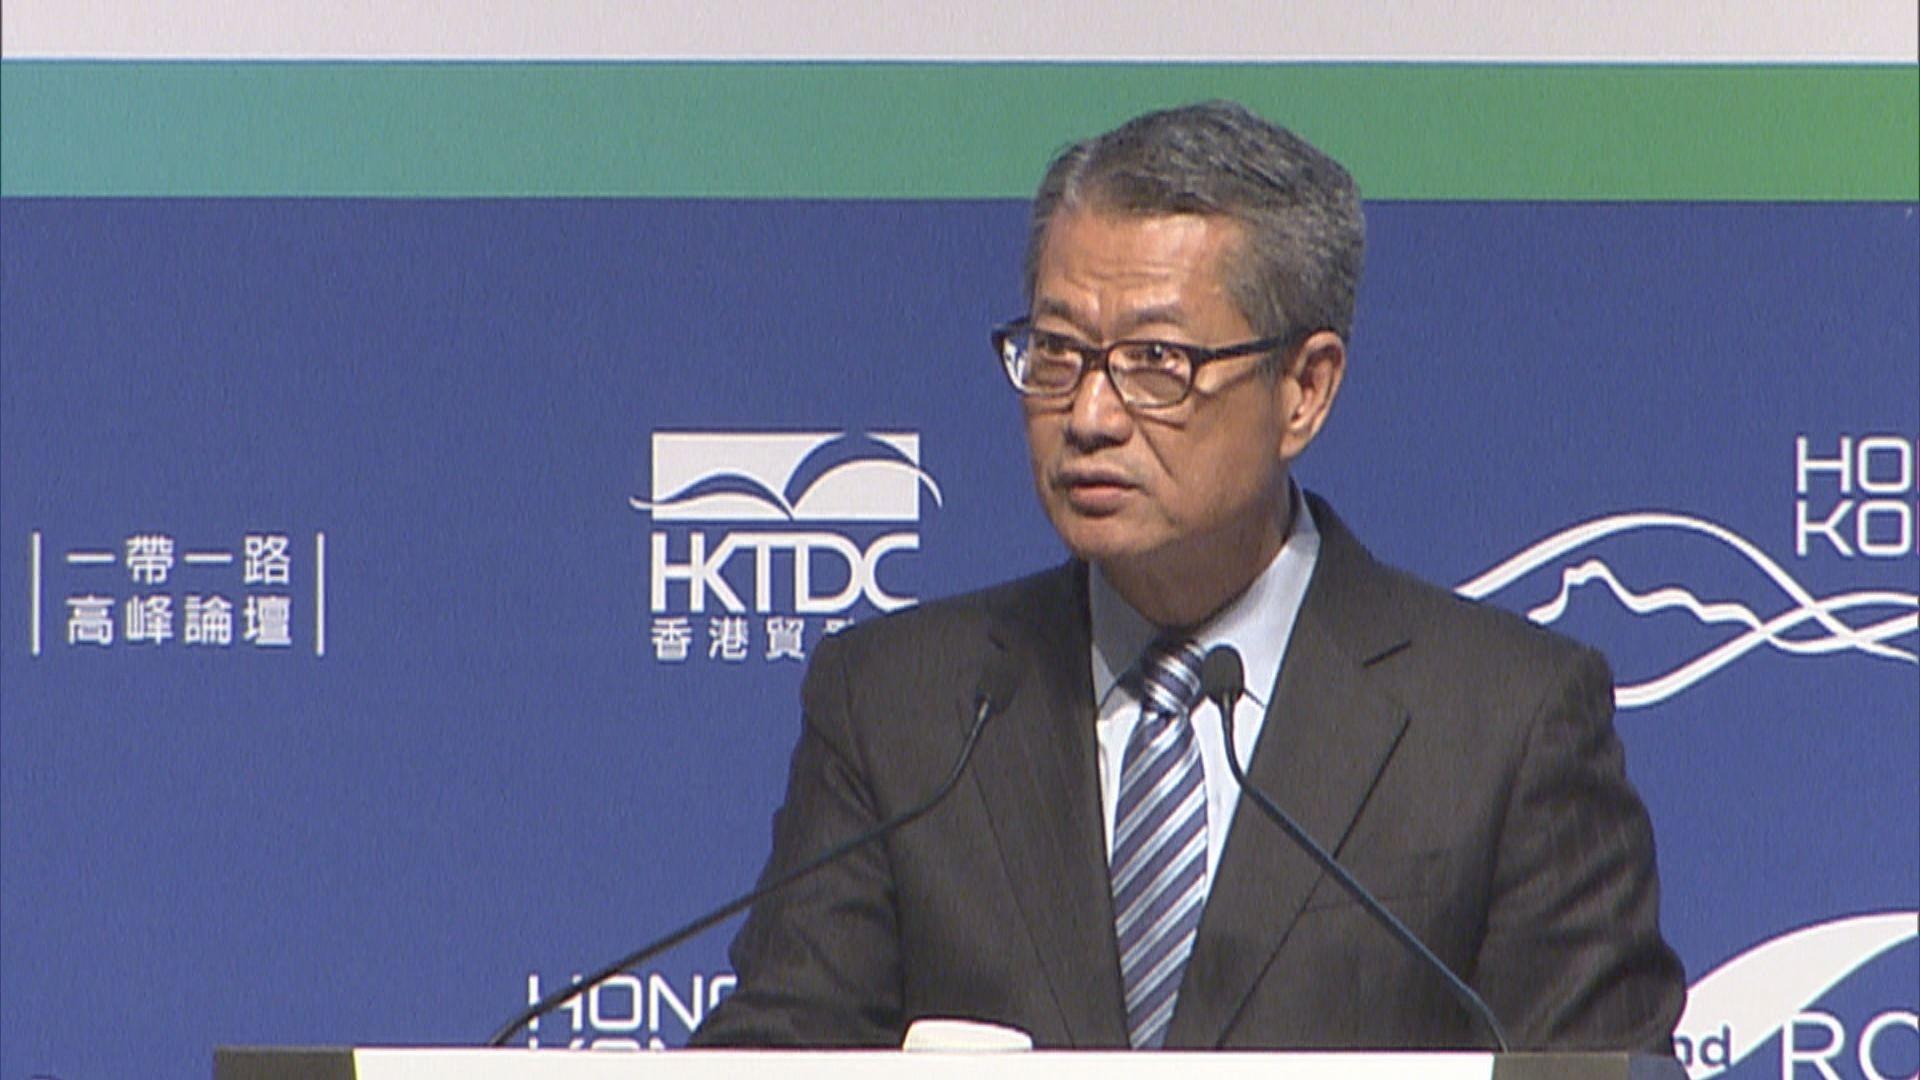 【無削競爭力】陳茂波:一國兩制是香港繁榮穩定基石